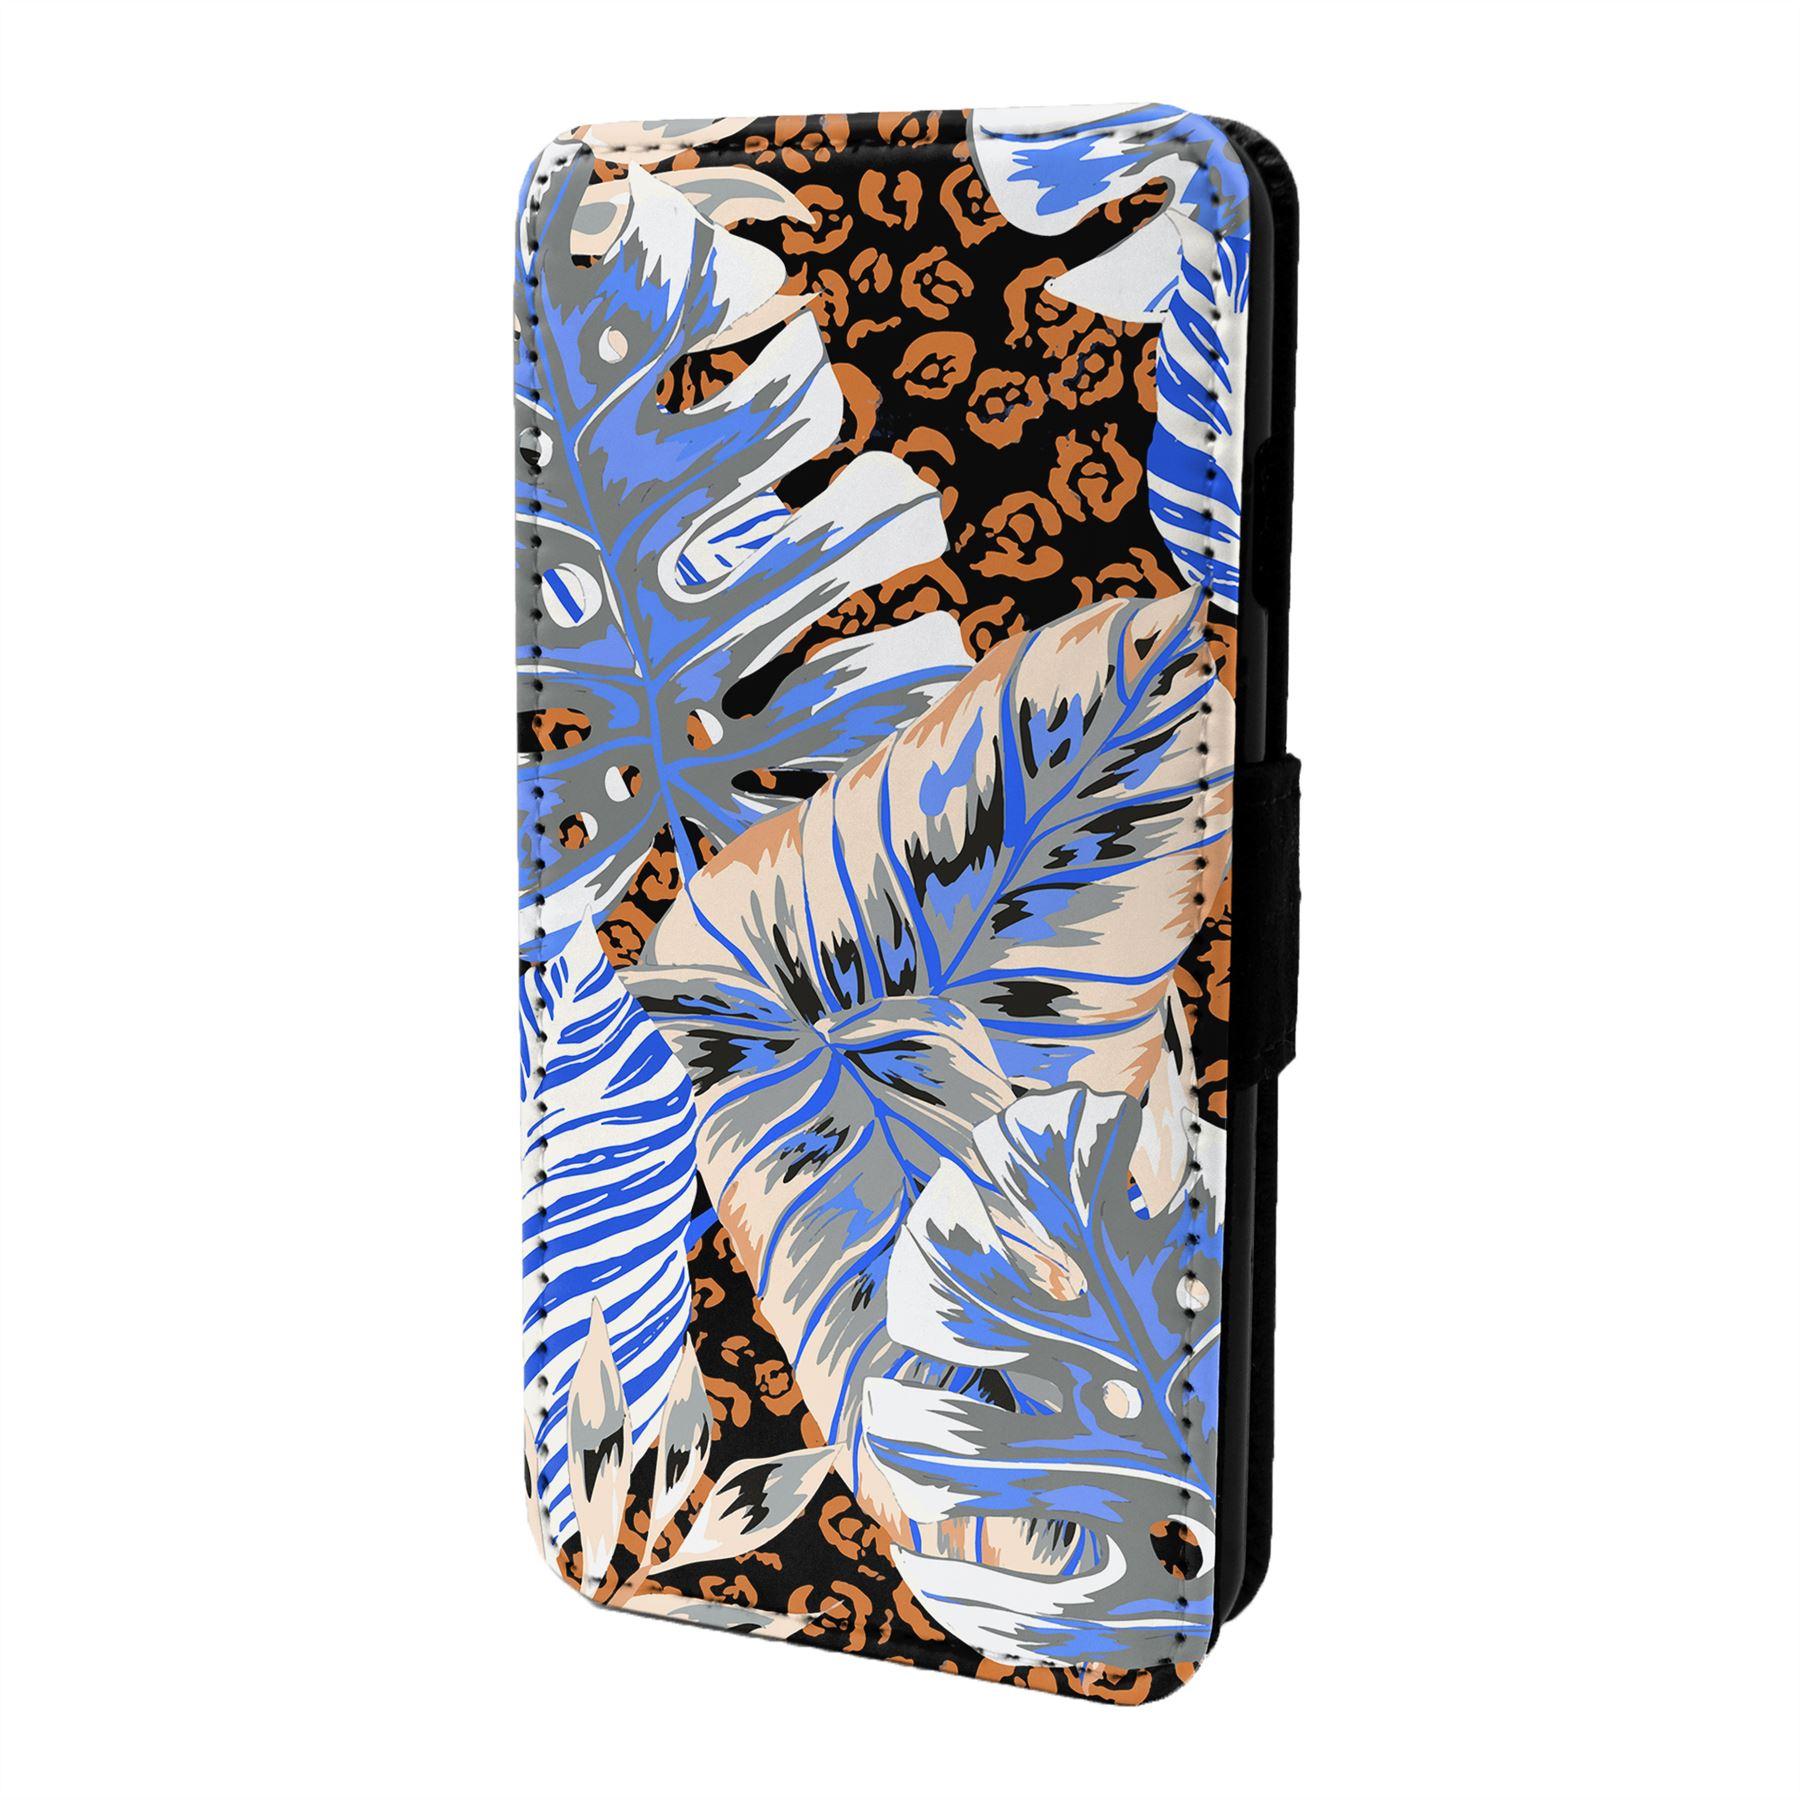 Tropical-Estampado-Funda-Libro-para-Telefono-Movil-S7116